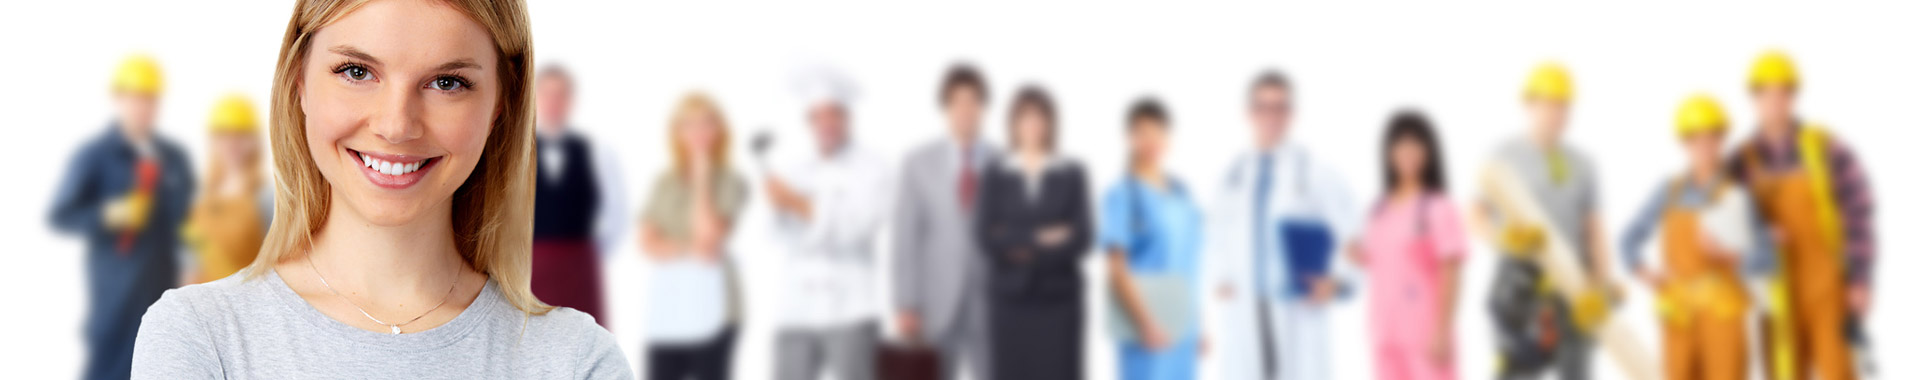 Sprachlehrerin vor Kunden aller Branchen, die im Hintergrund stehen